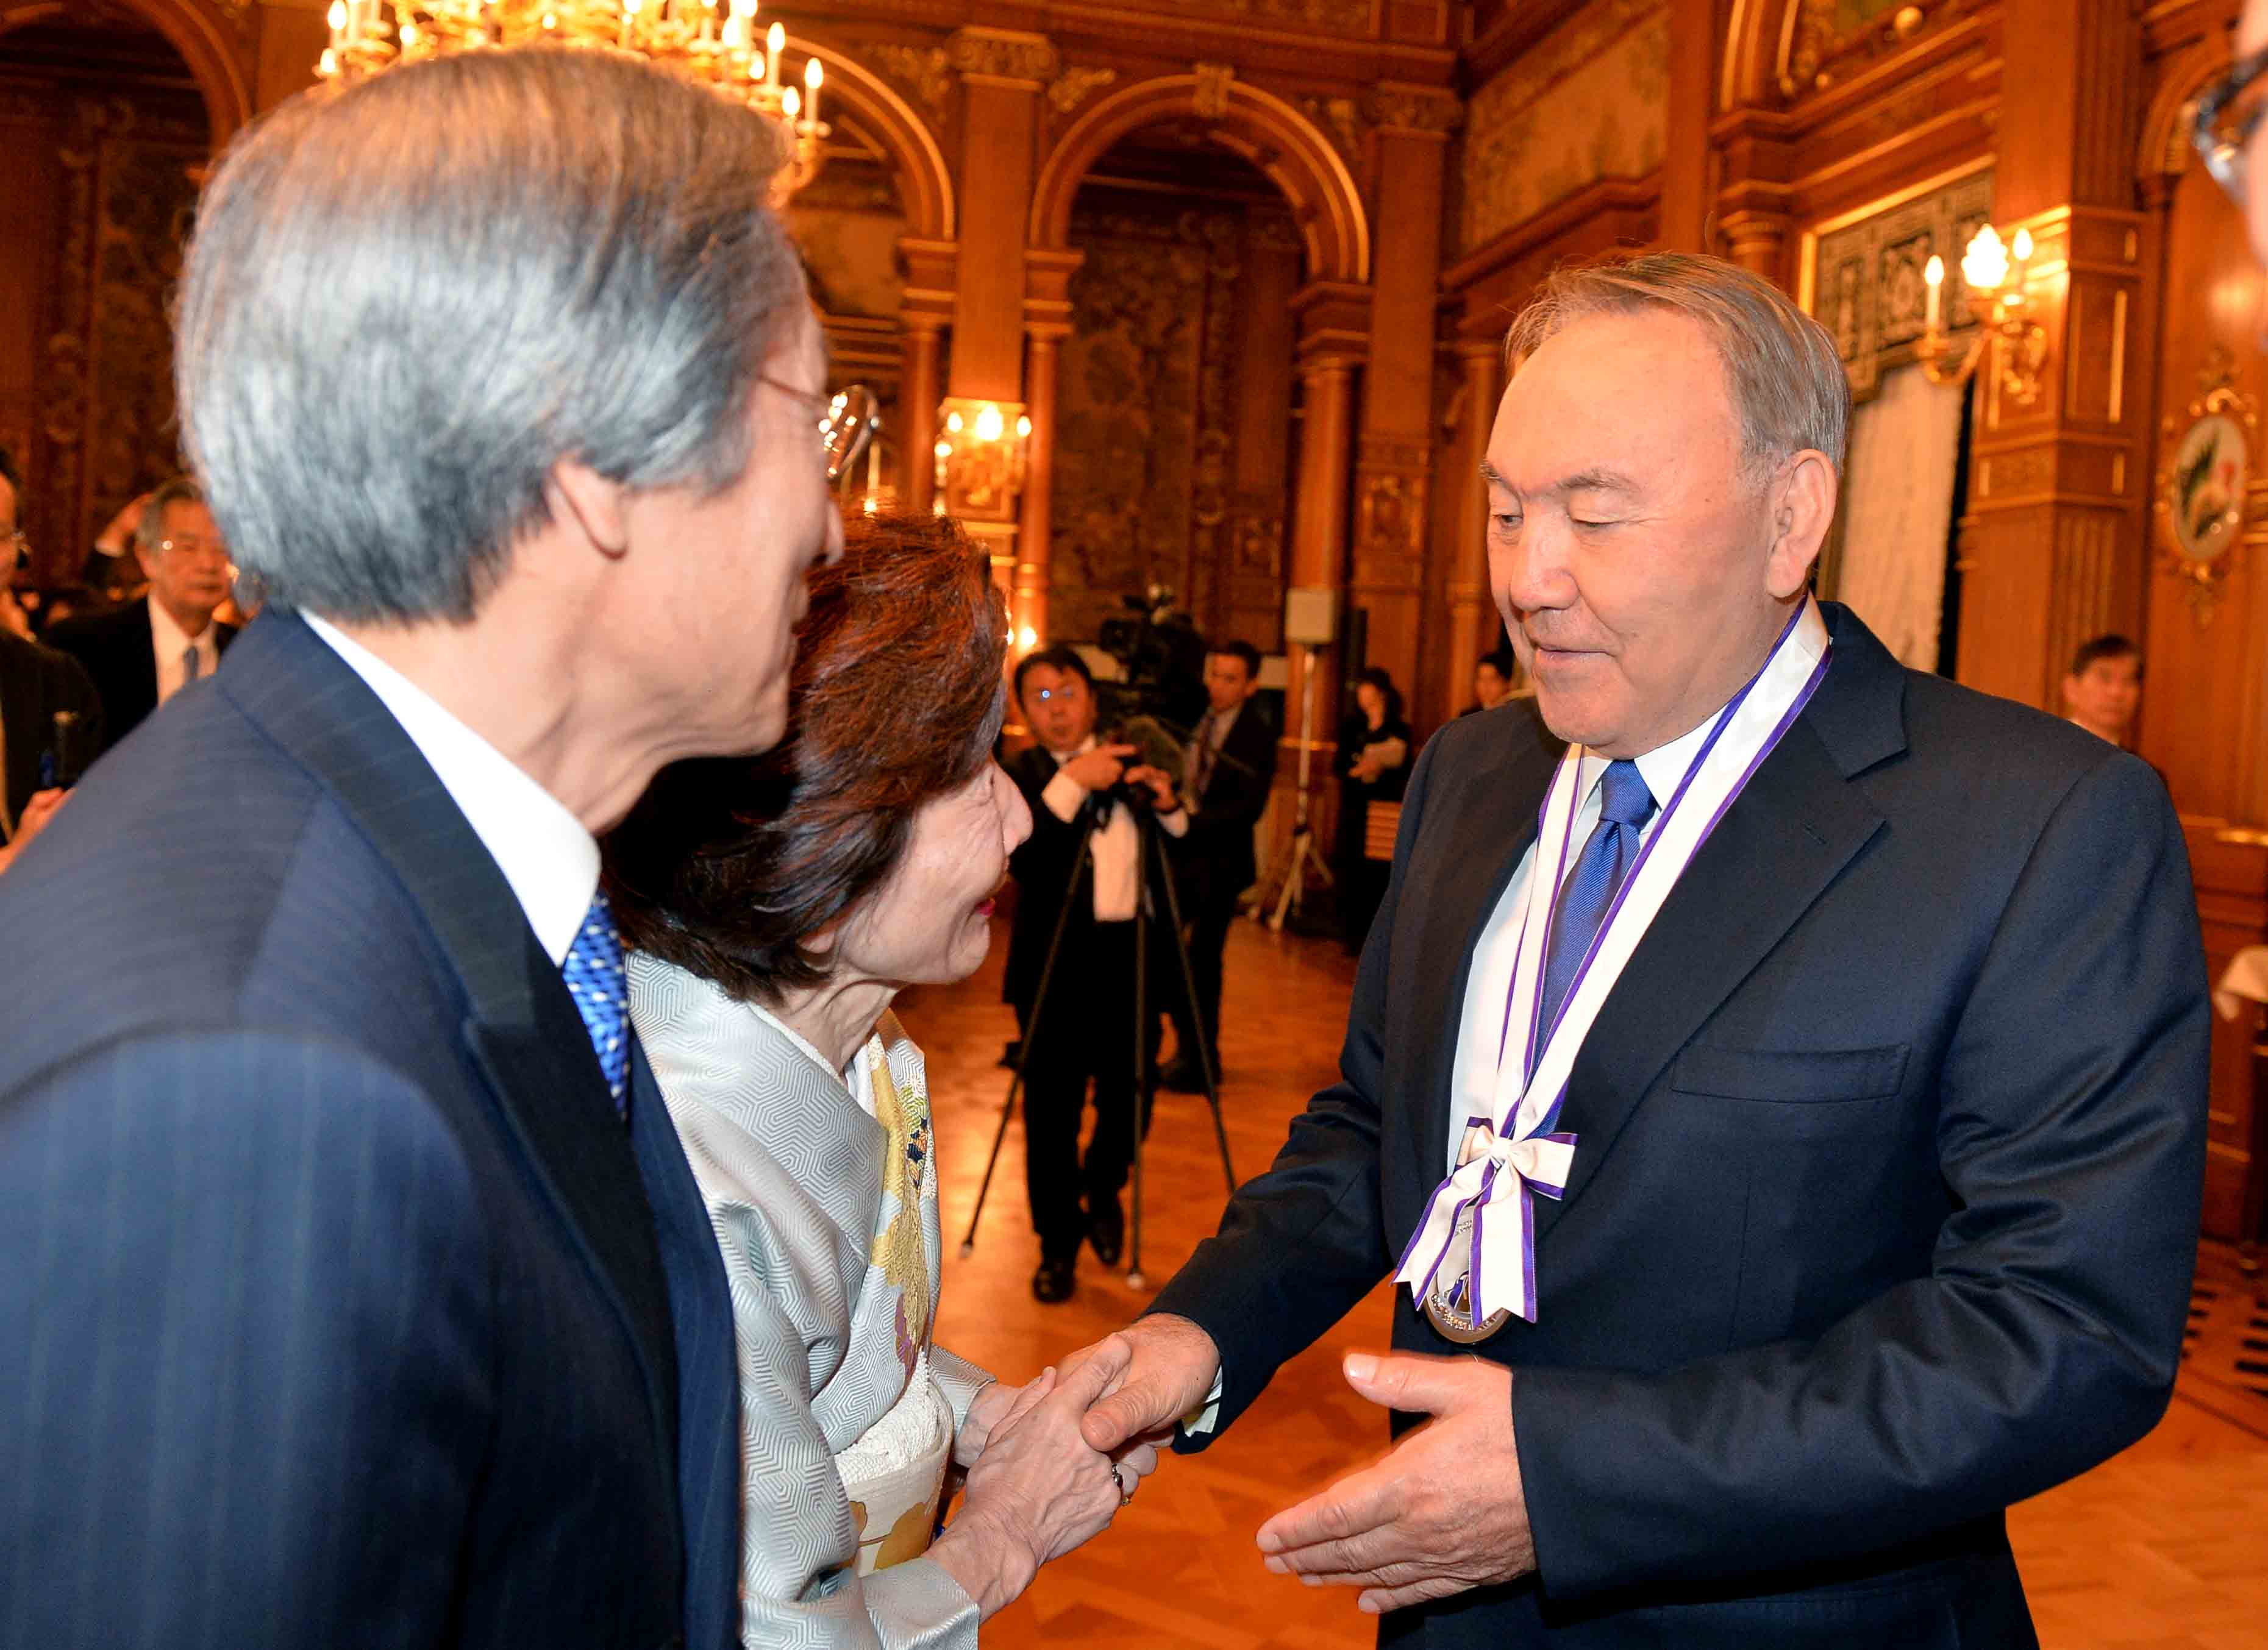 Нурсултан Назарбаев обсудил в Японии программу ядерного разоружения